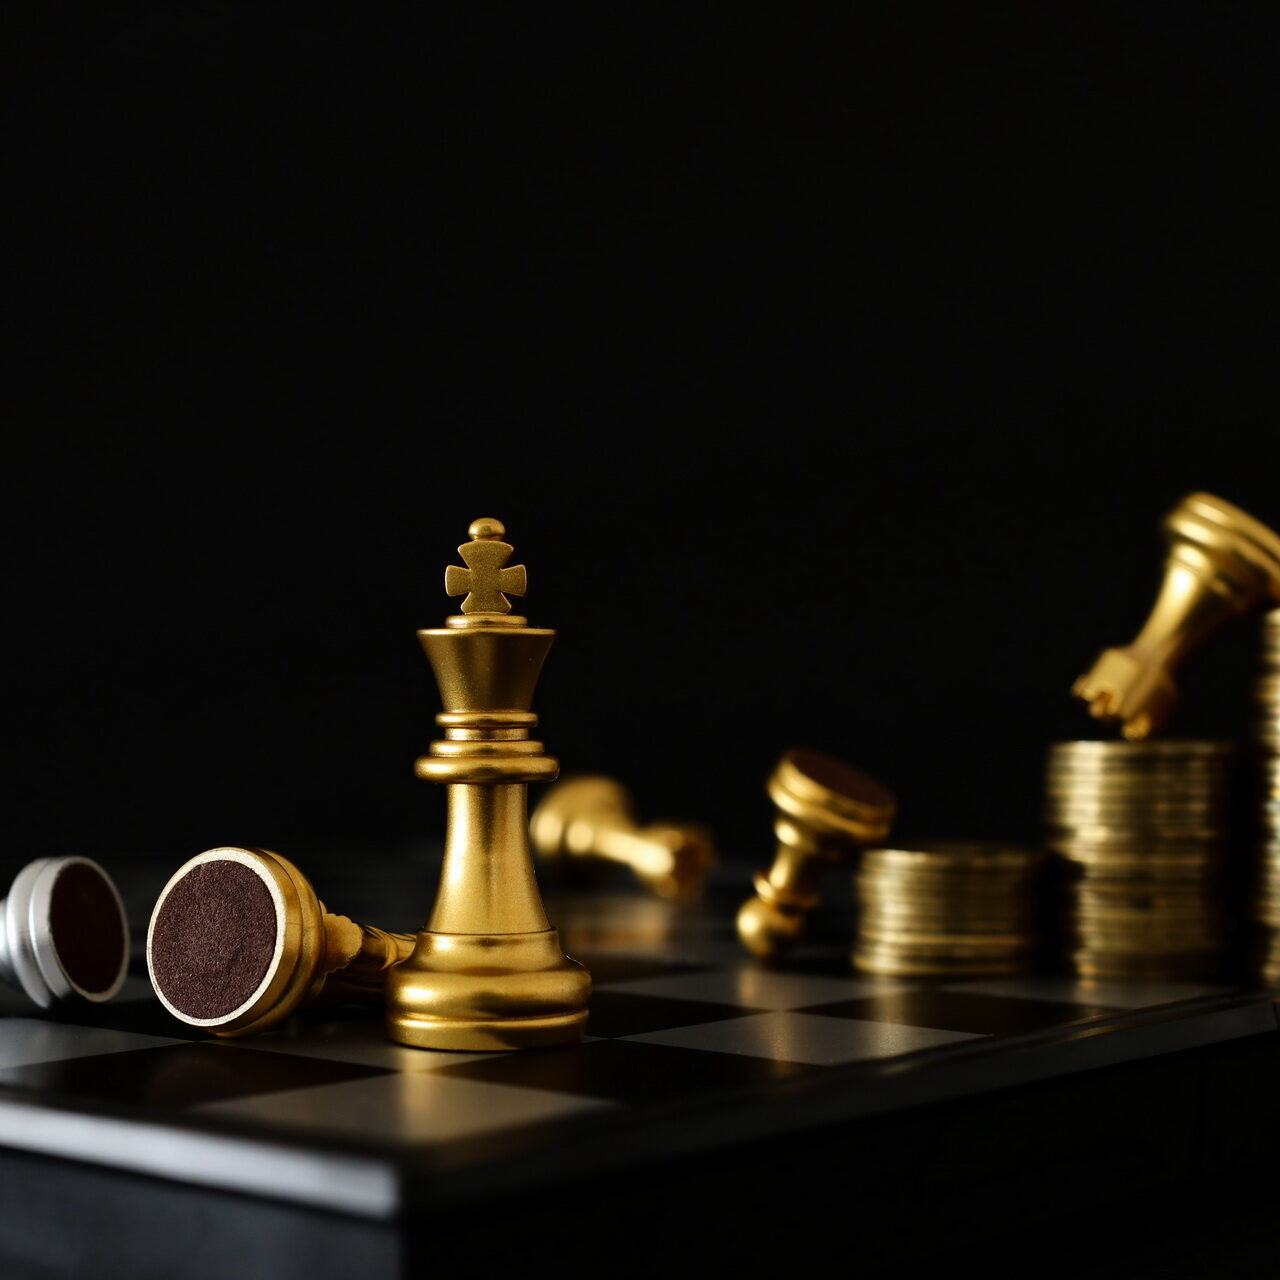 Risikomanagement ist unabdingbar